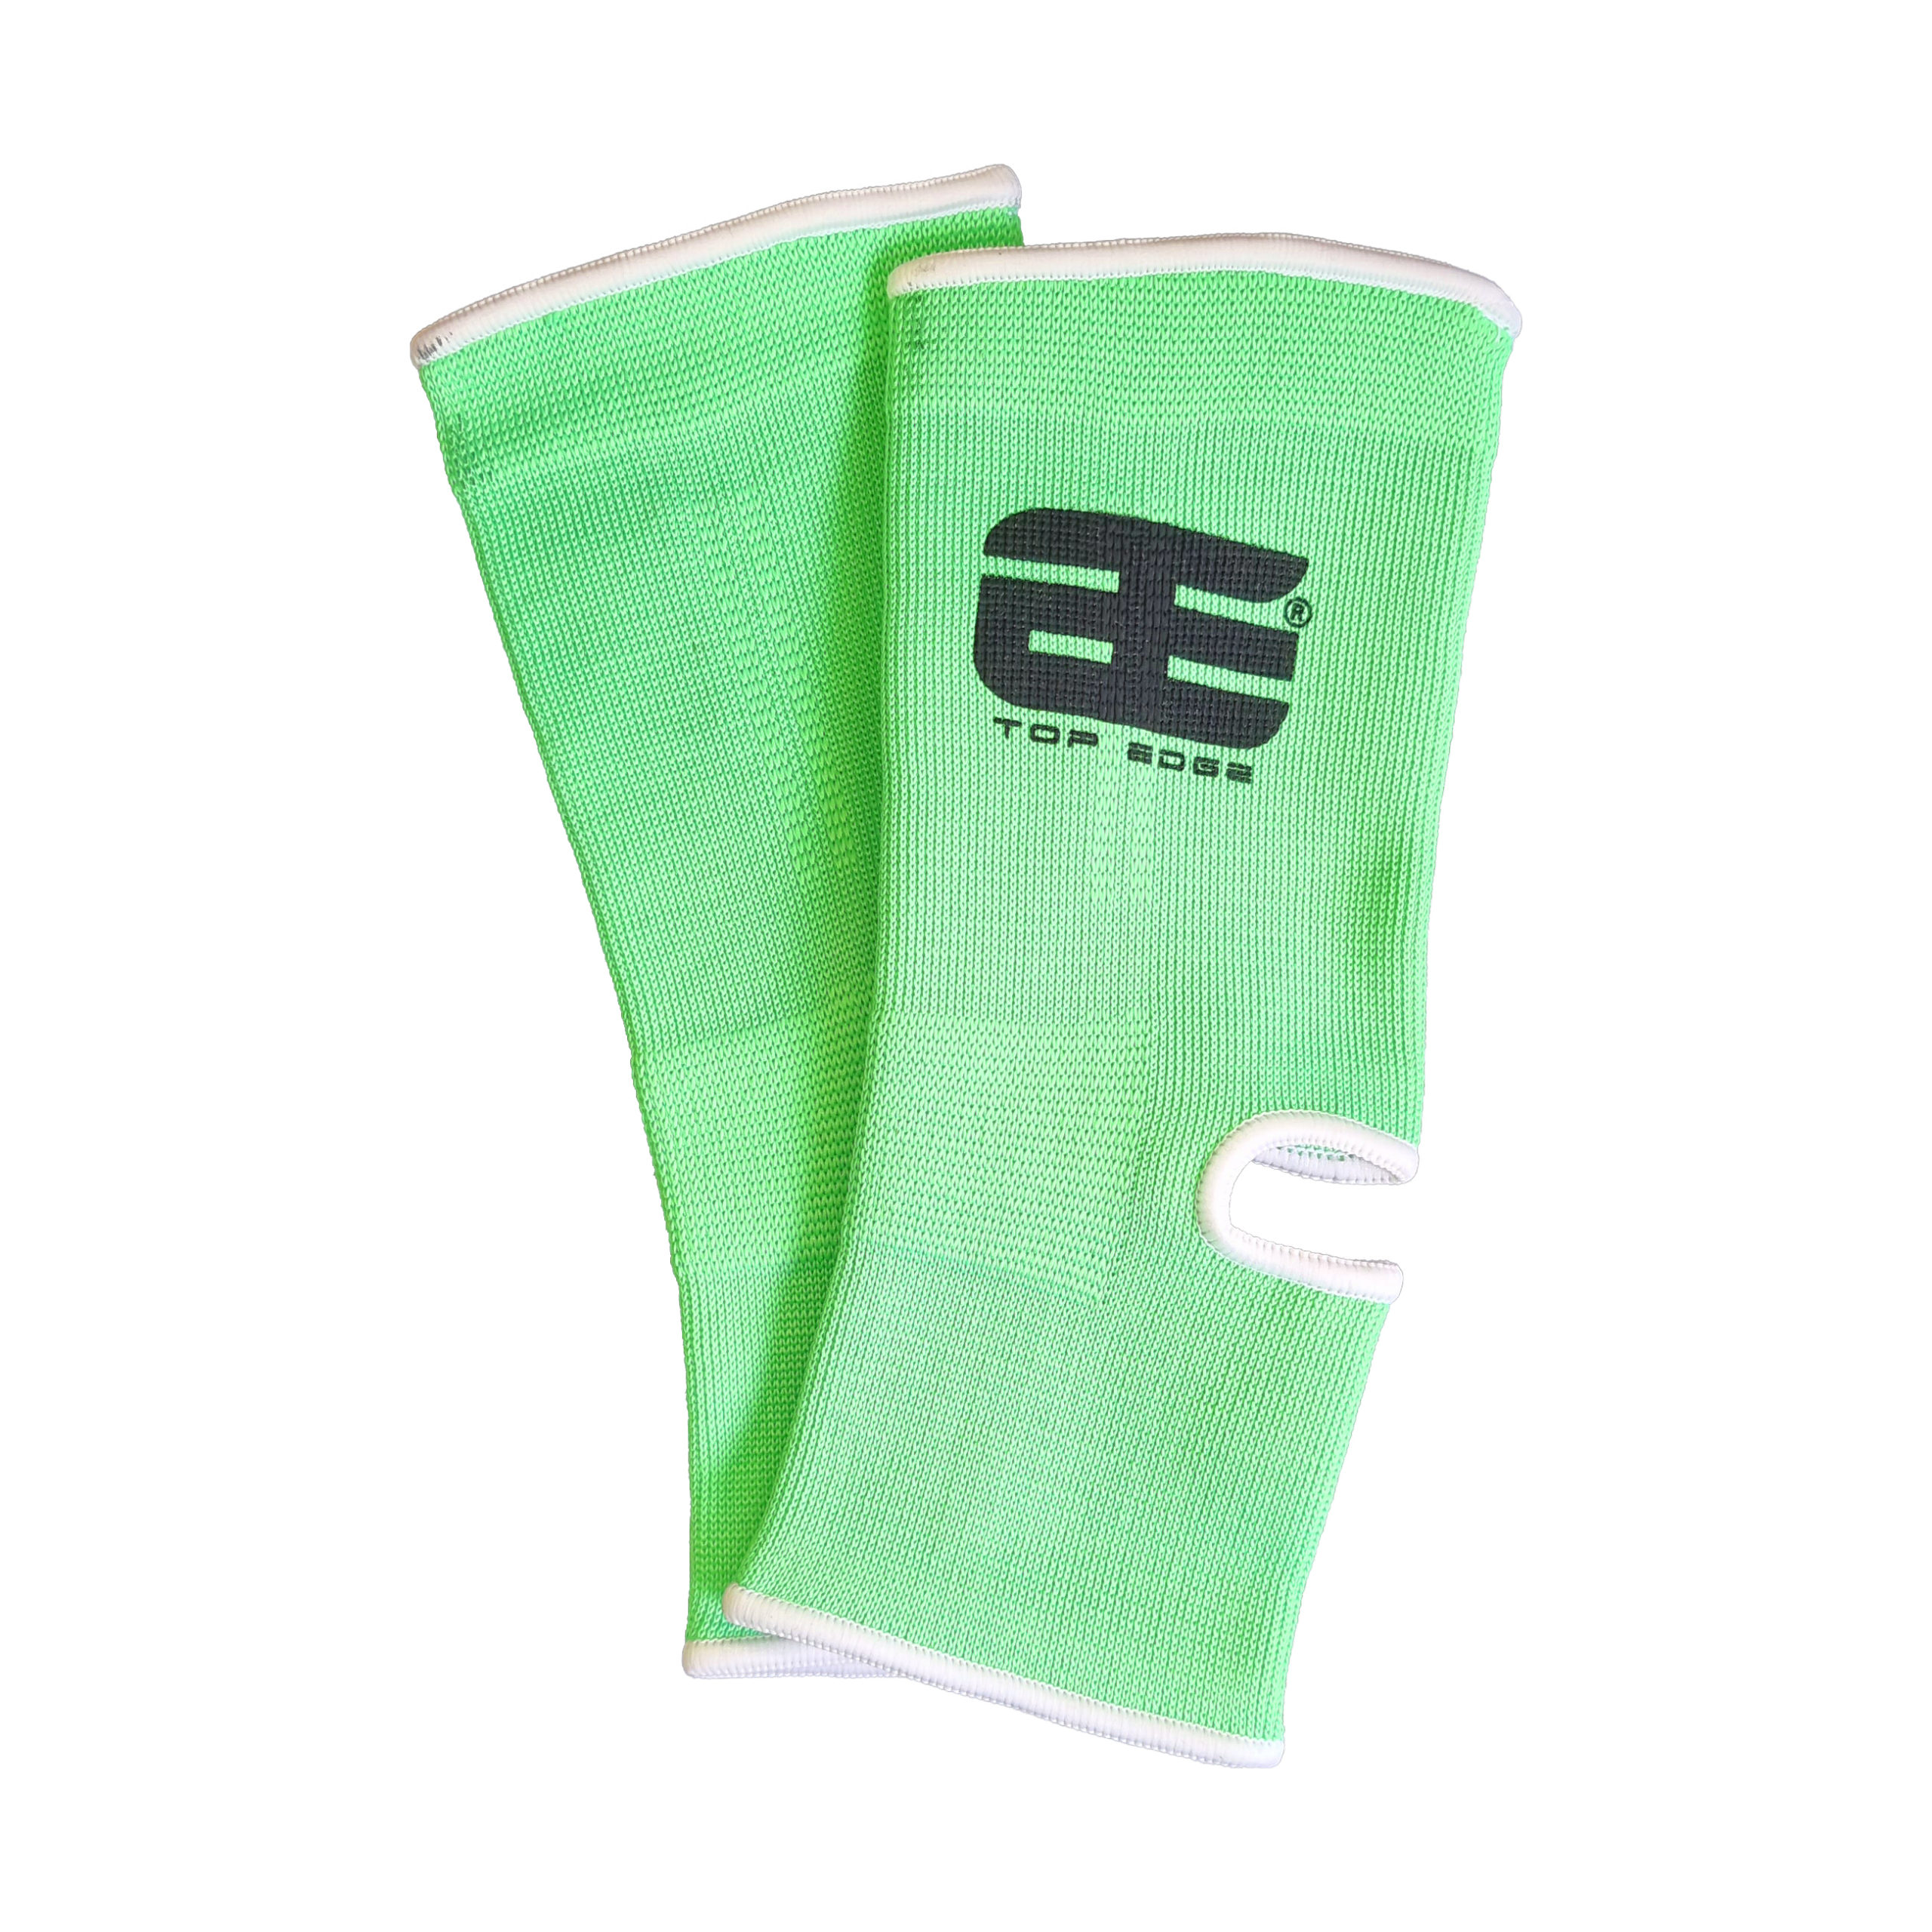 Top Edge Enkelkousen B-Stock – Neon groen 1